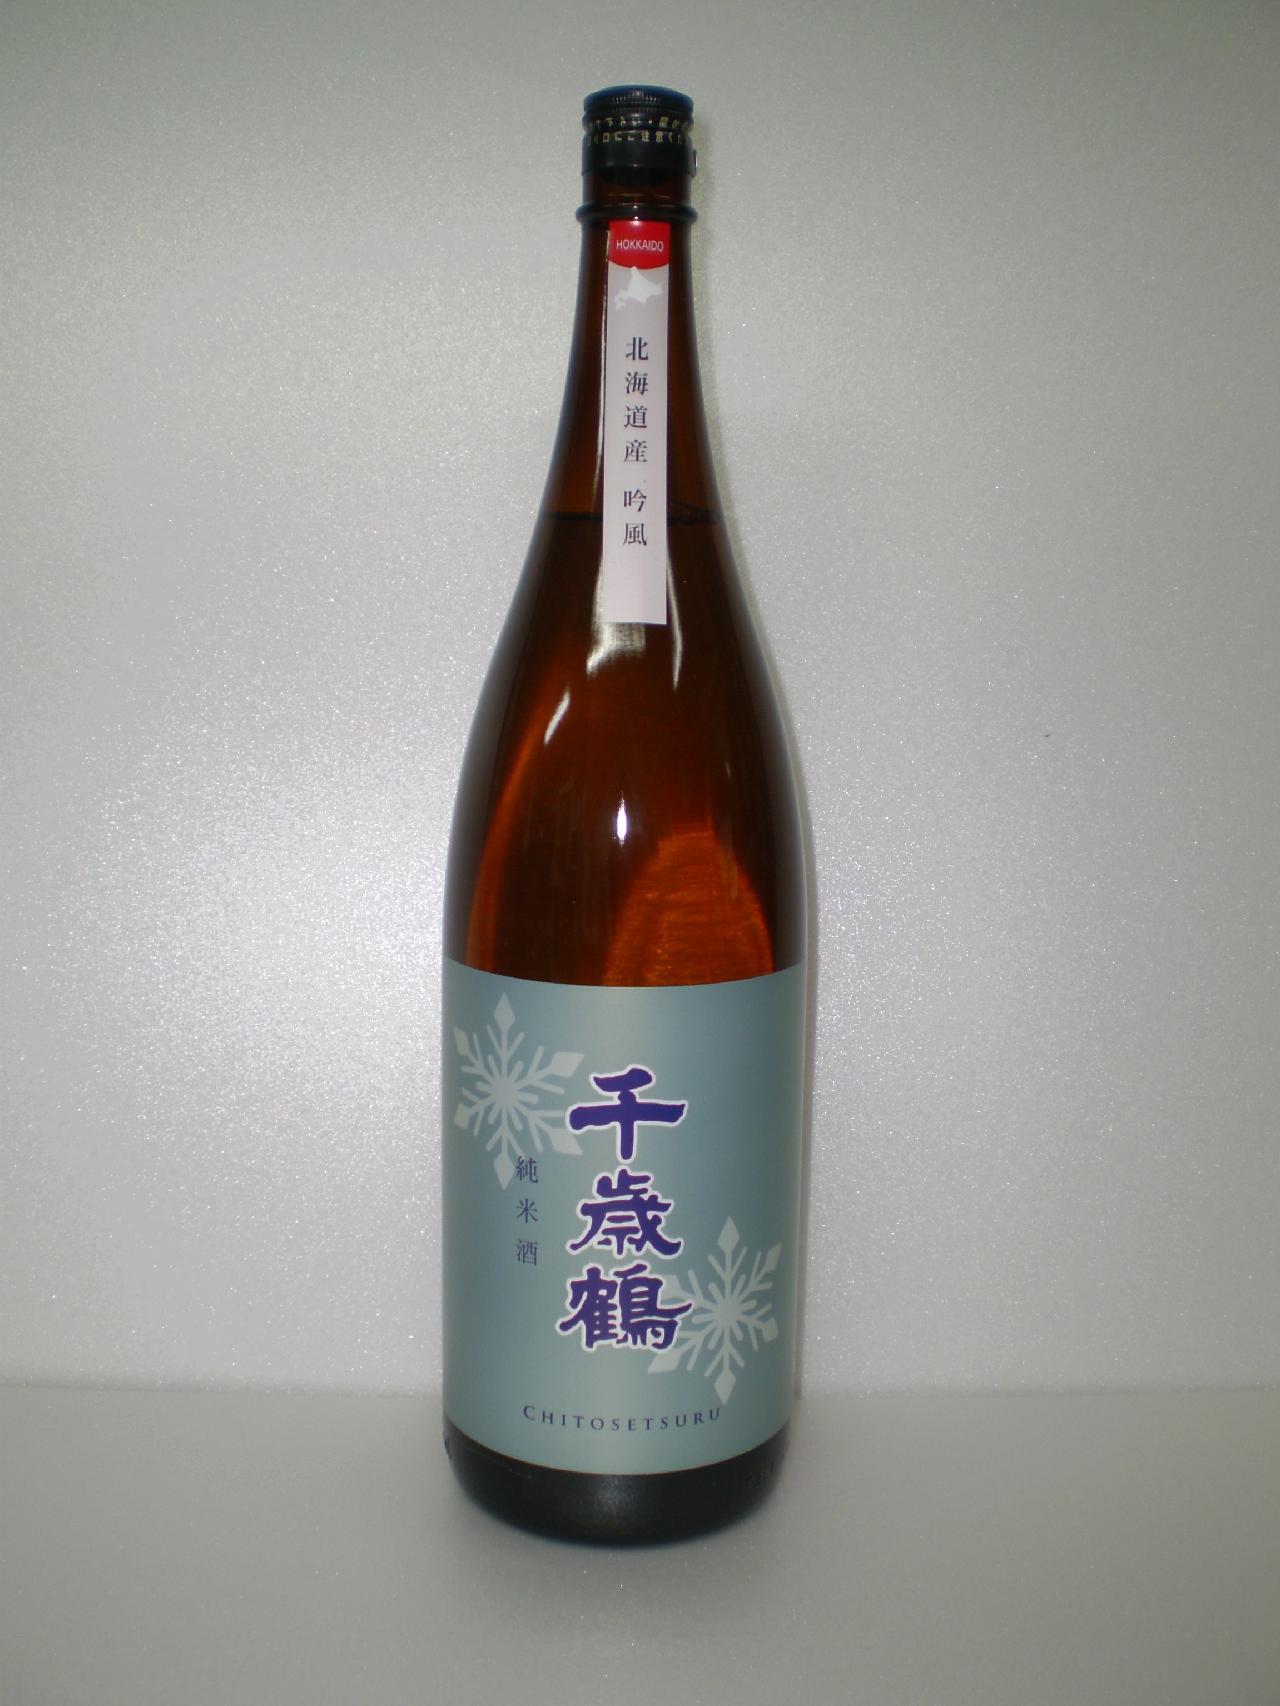 千歳鶴 純米 吟風 1800ml 日本清酒